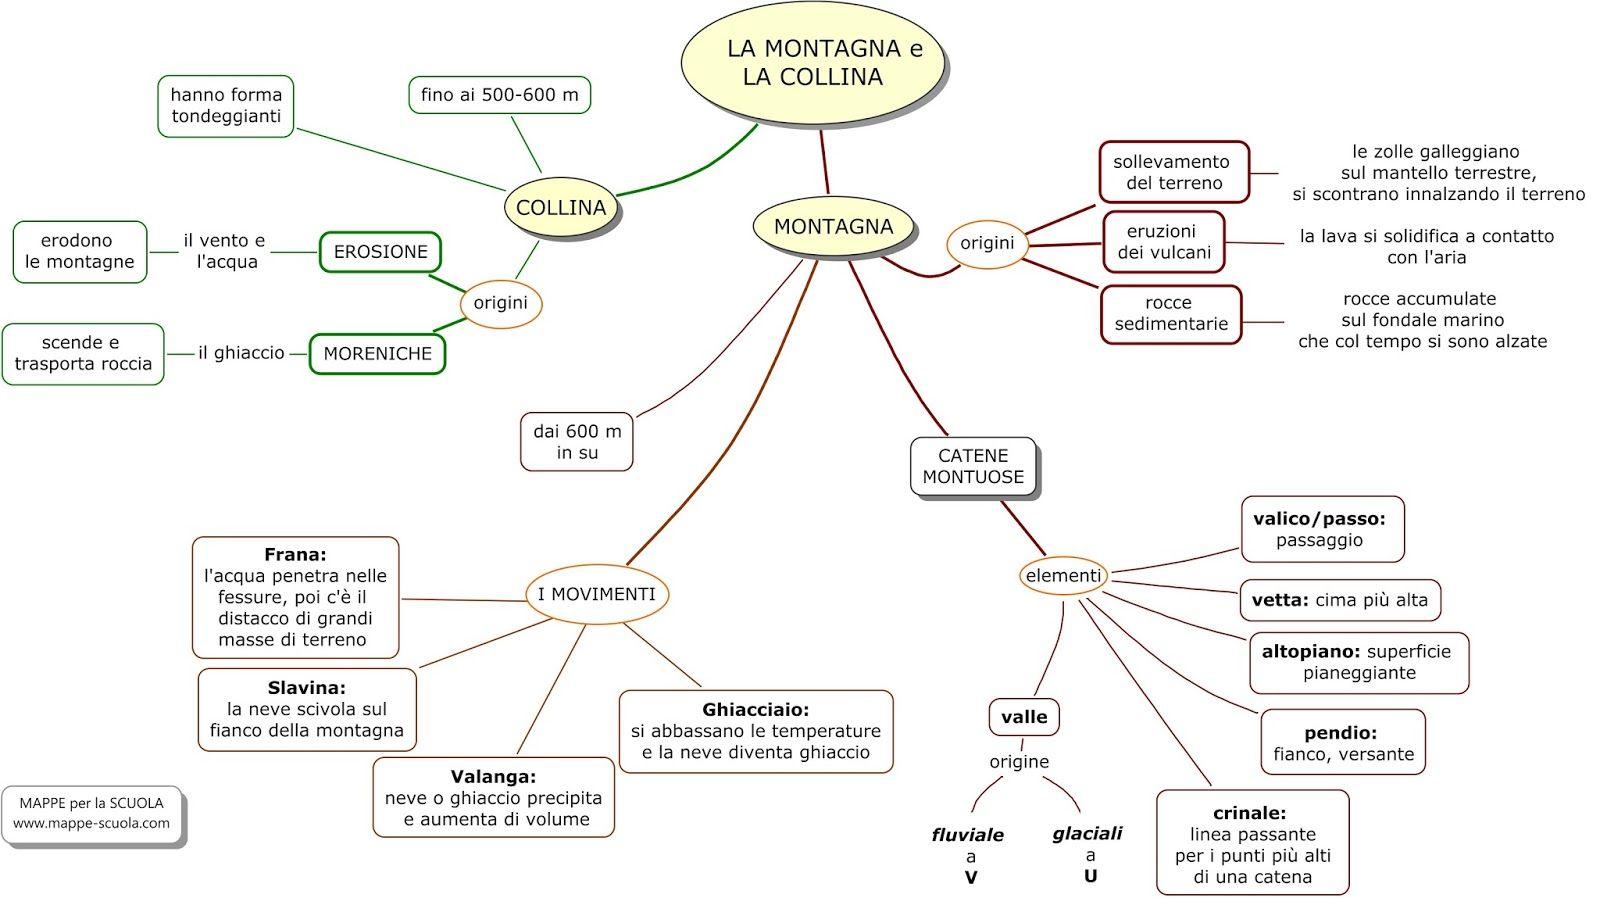 Mappa Concettuale Sulla Collina E Sulla Montagna Stampare La Mappa